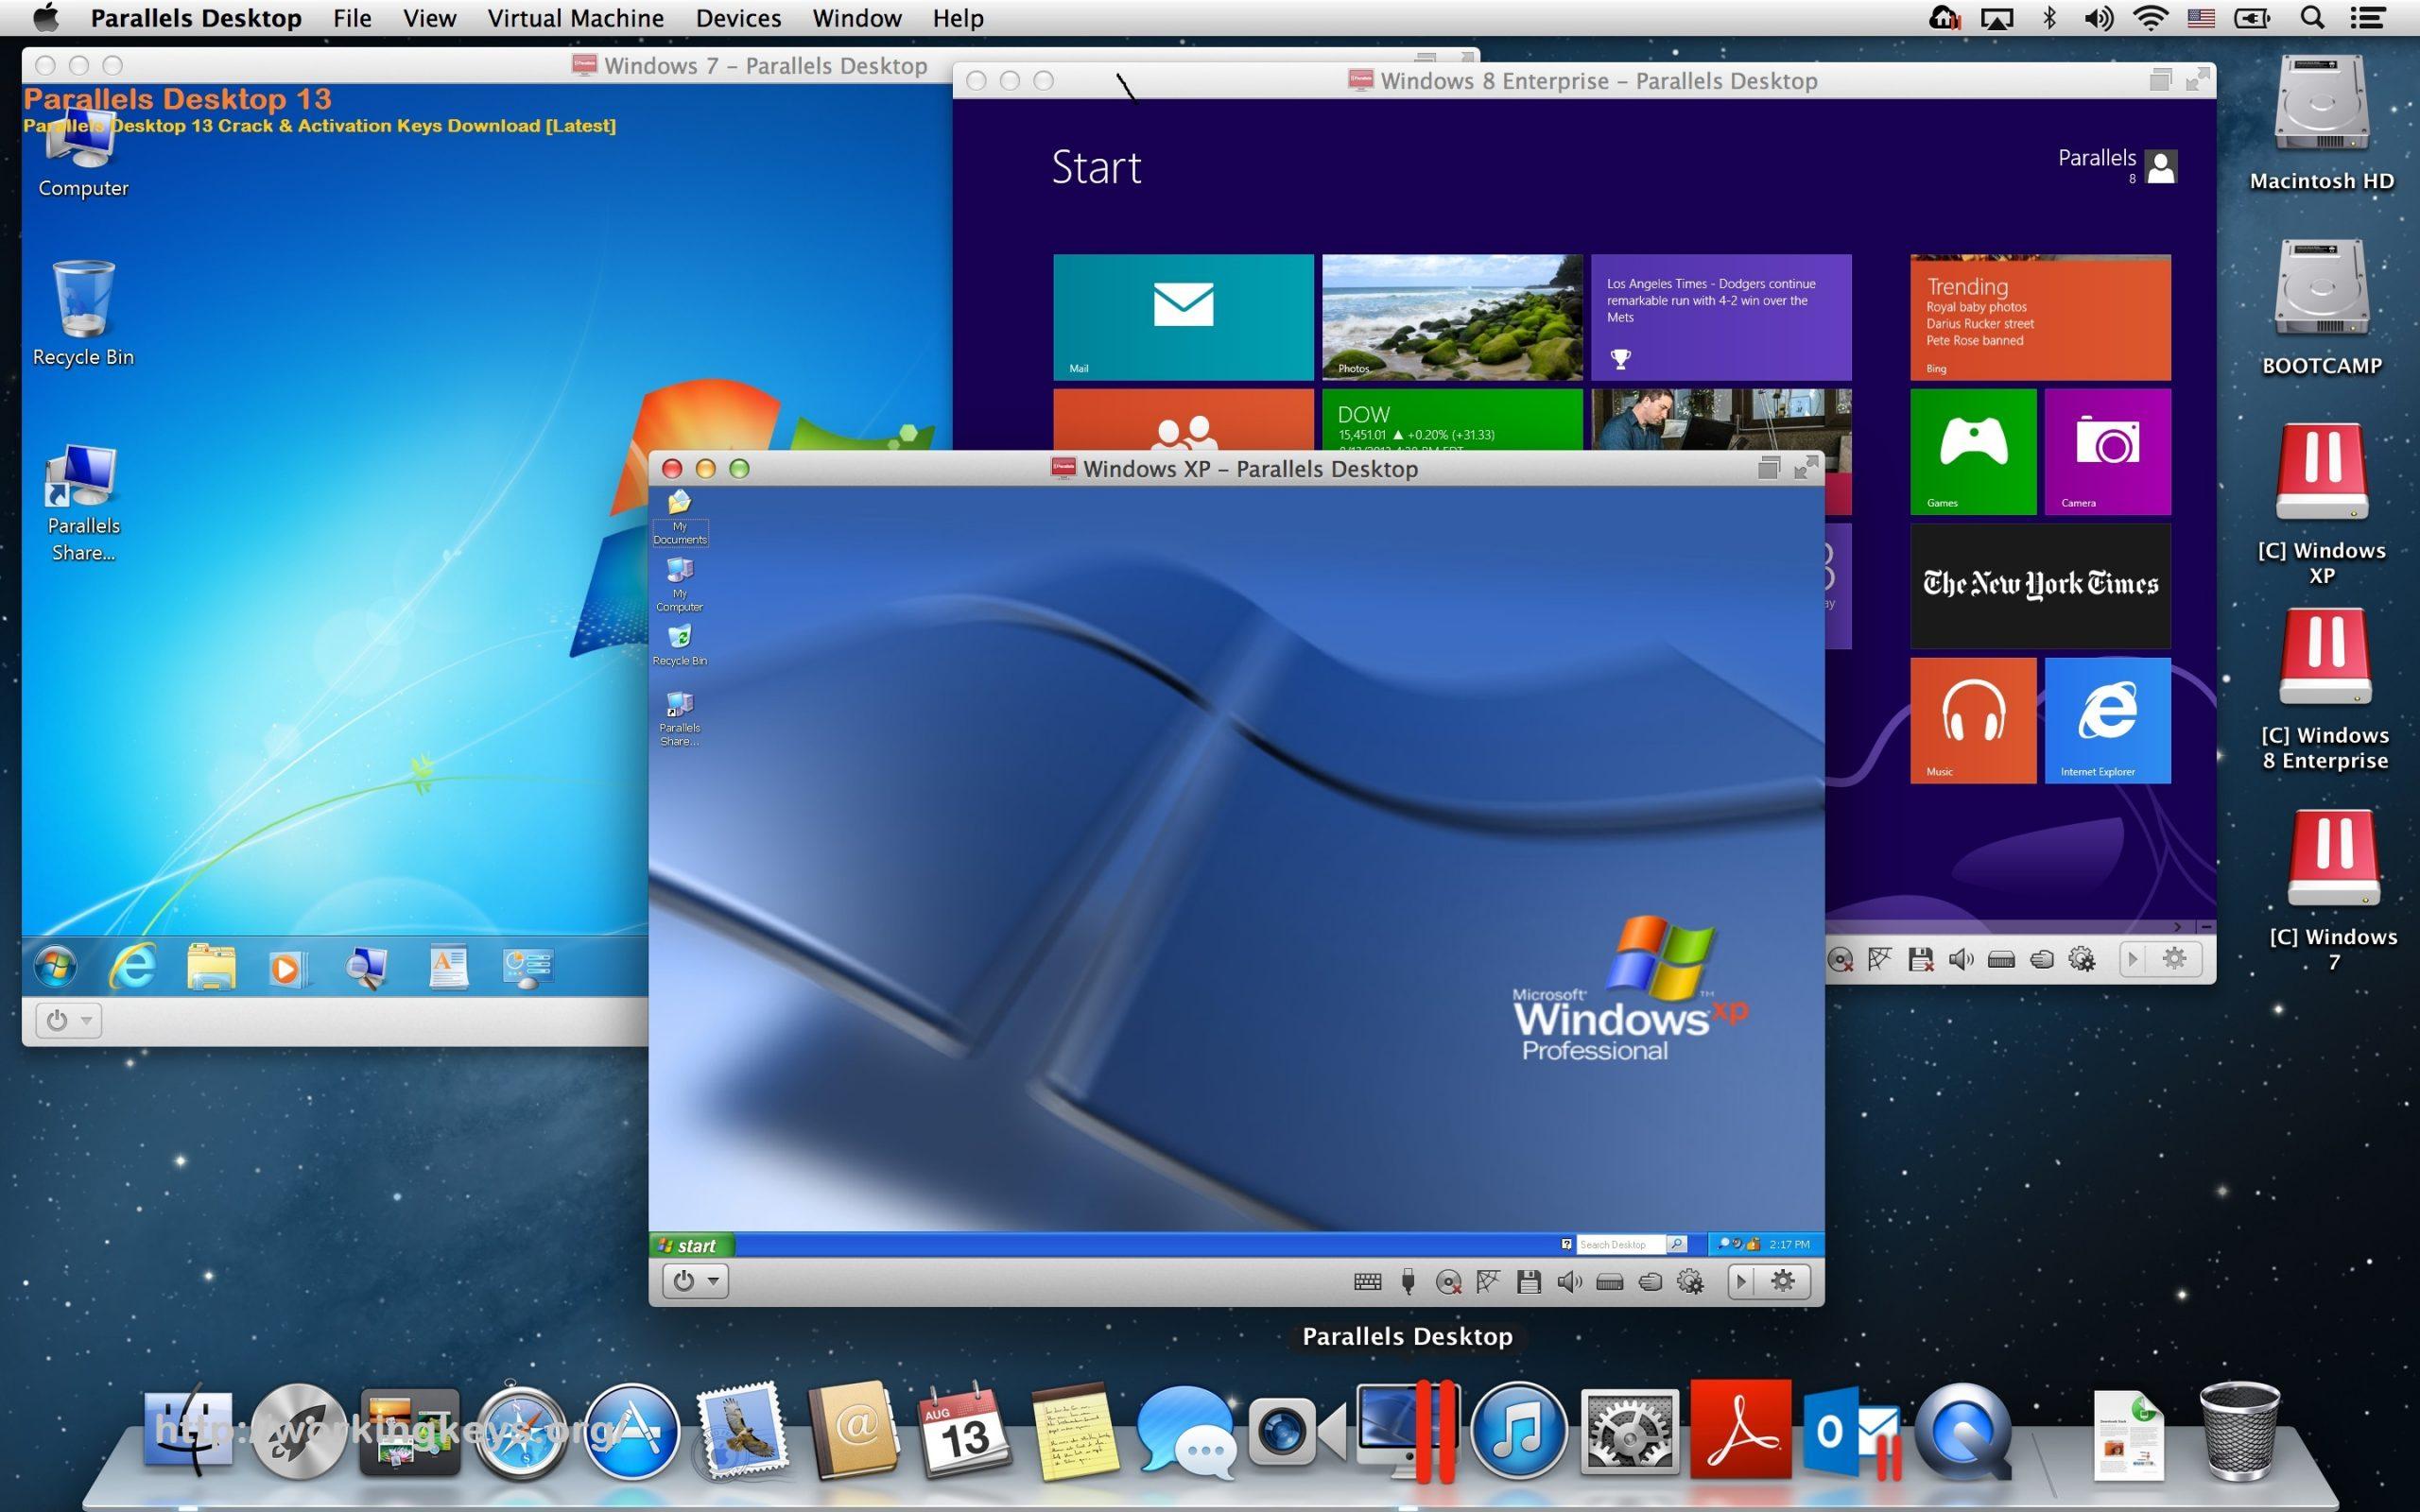 Parallels-Desktop-13-Crack-Activation-Keys-Download-Latest1